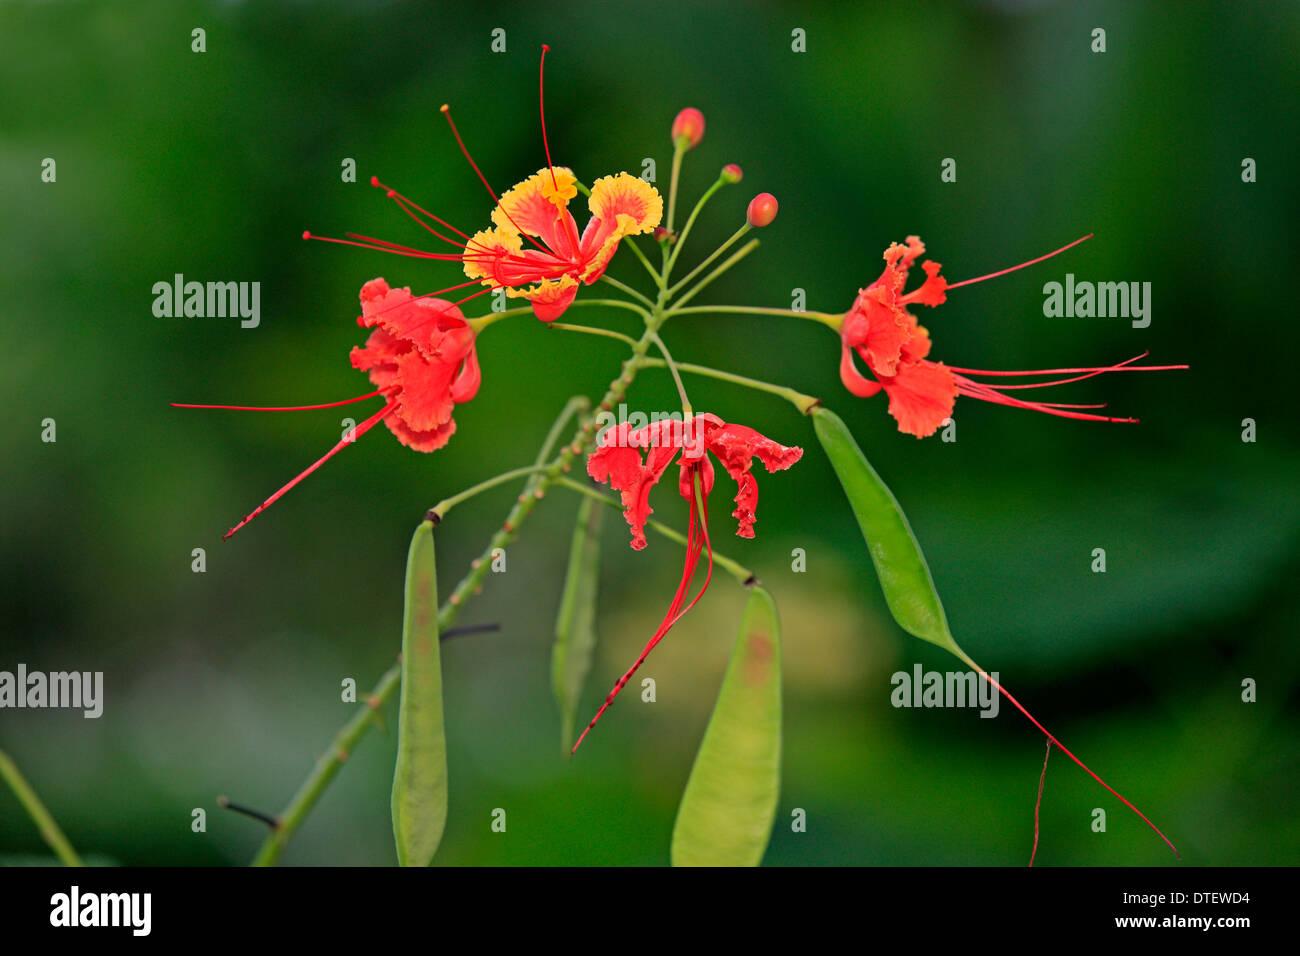 Tamarind, Kota Kinabalu, Sabah, Borneo, Malaysia / (Tamarindus indica) - Stock Image